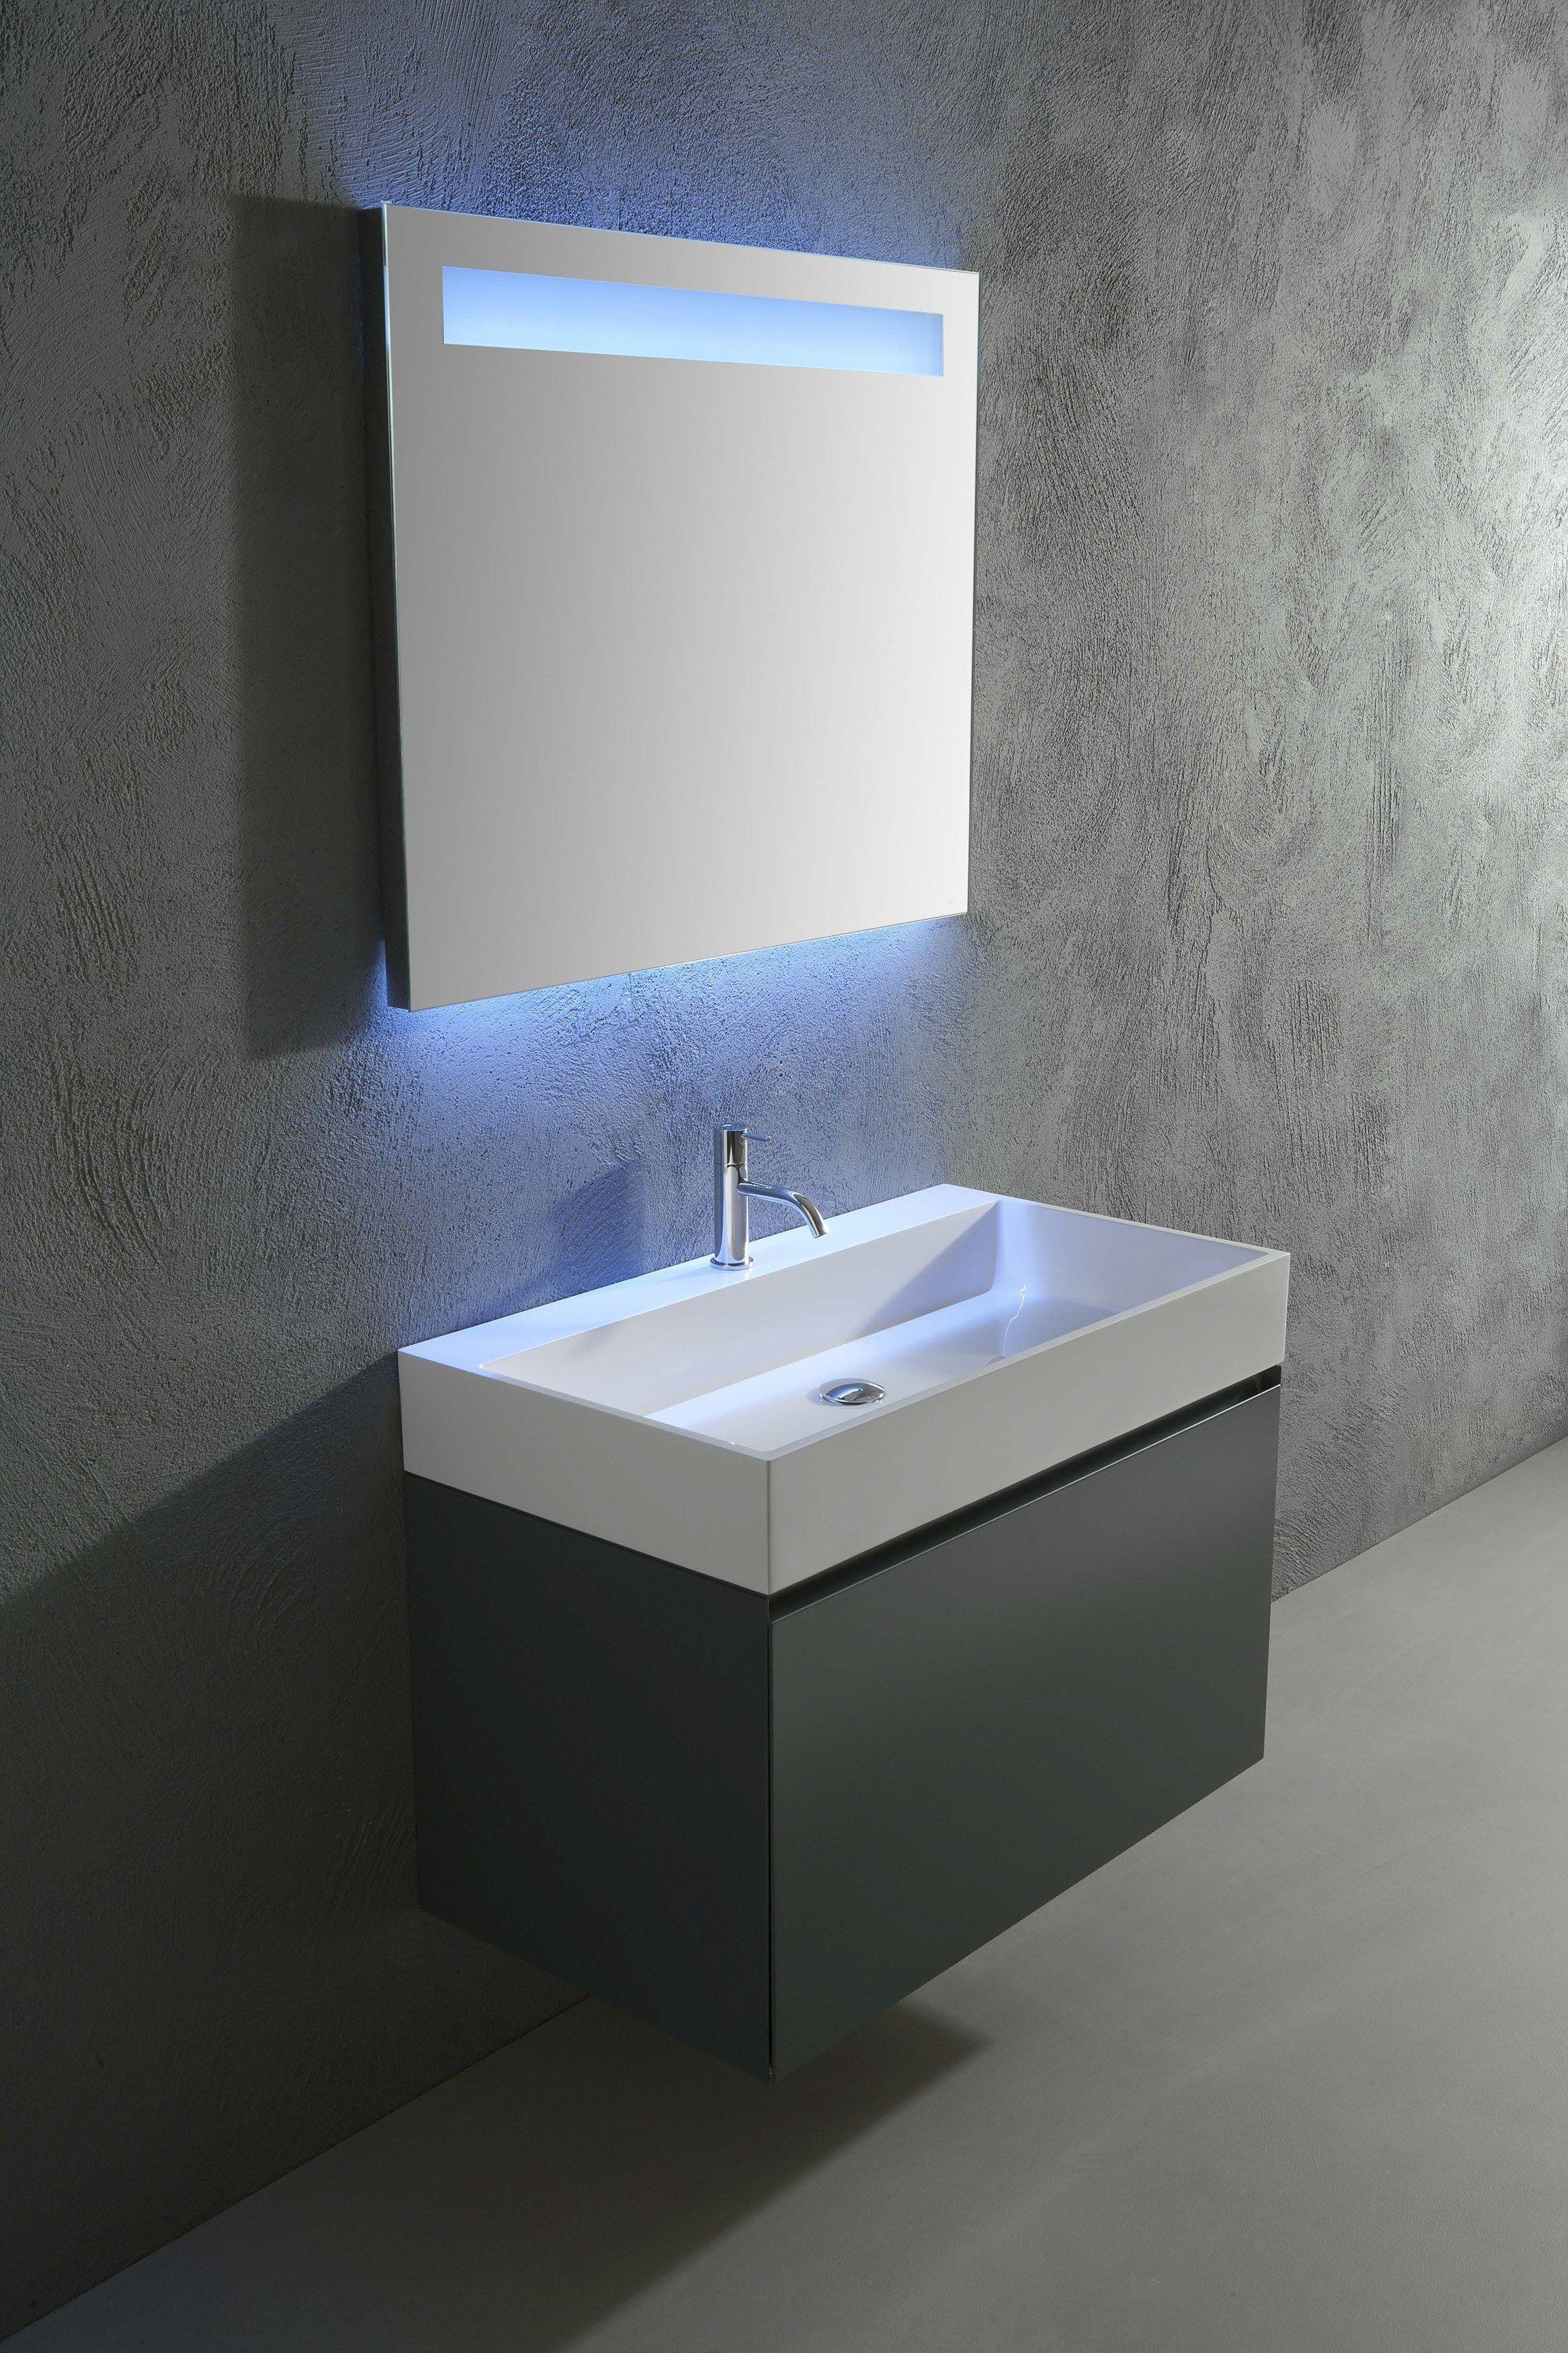 Badezimmerausstattung  GESTO | Badezimmer-Ausstattung By Antonio Lupi Design